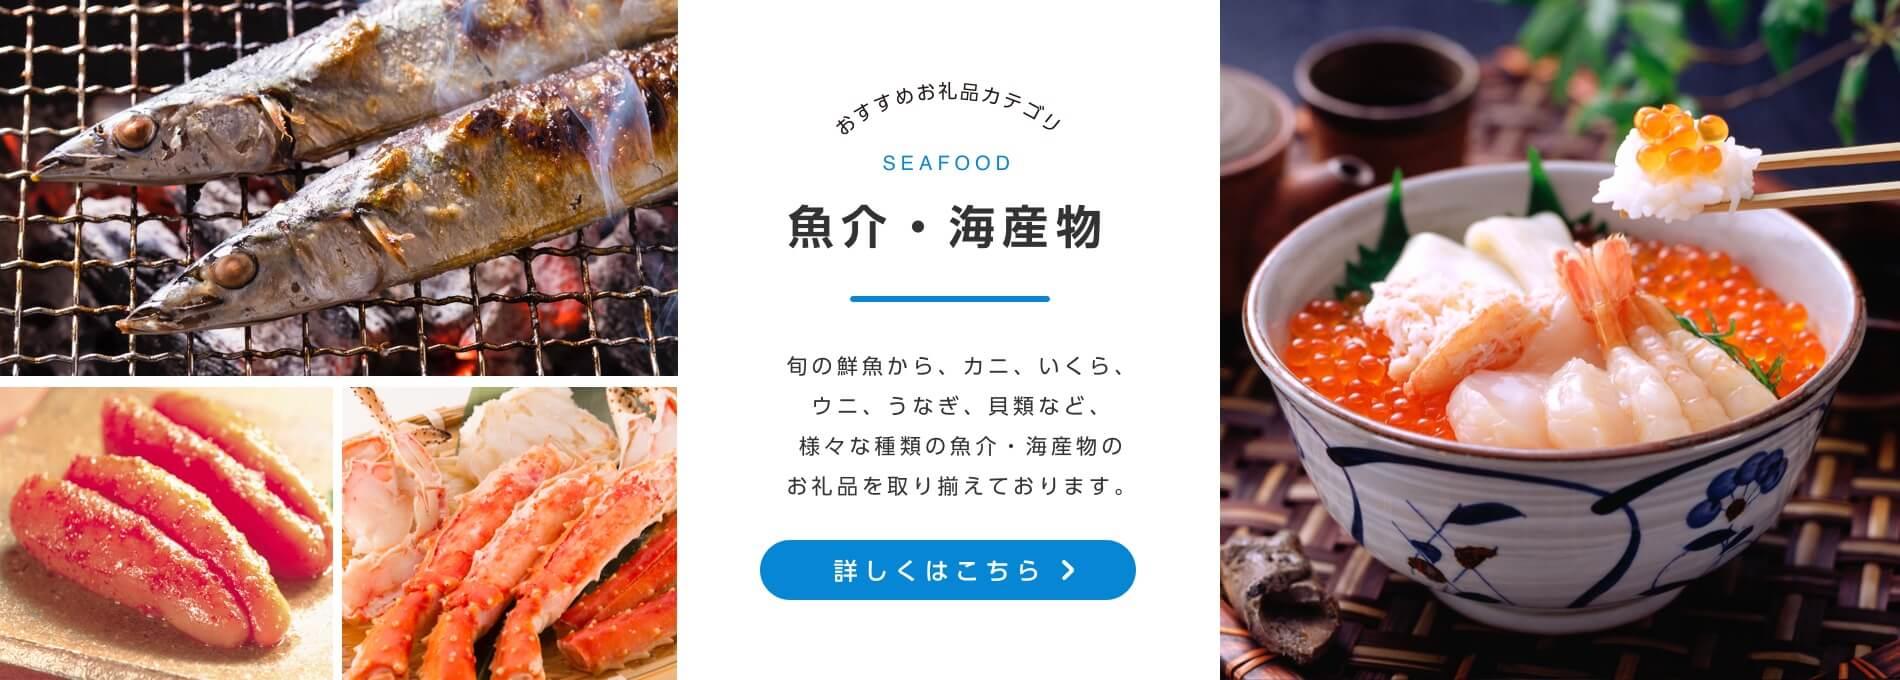 おすすめお礼品カテゴリ SEAFOOD 魚介・海産物 旬の鮮魚から、カニ、いくら、ウニ、うなぎ、貝類など、様々な種類の魚介・海産物のお礼品を取り揃えております。 詳しくはこちら